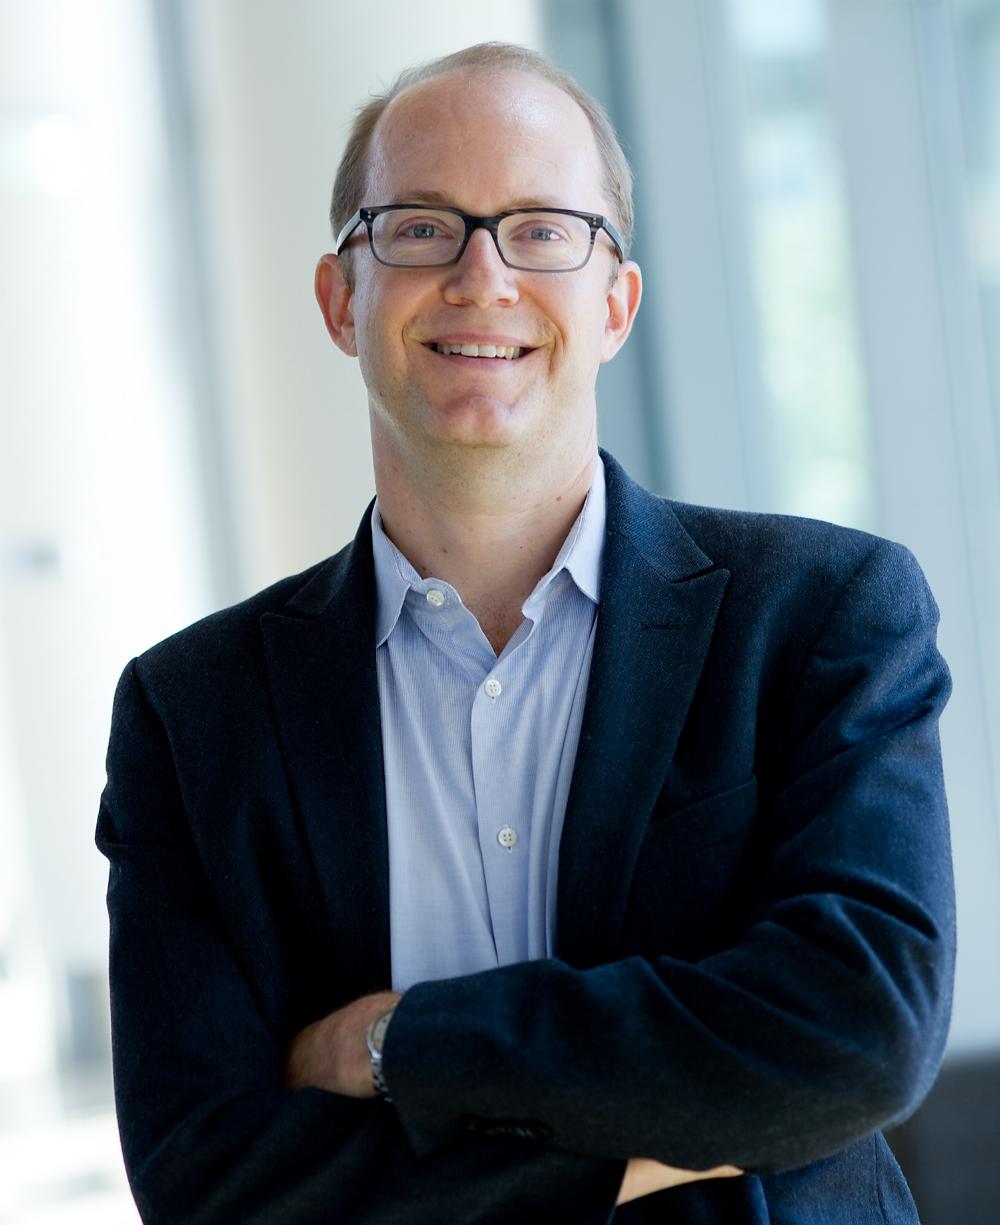 Evan-Lieberman-MIT_0.jpg